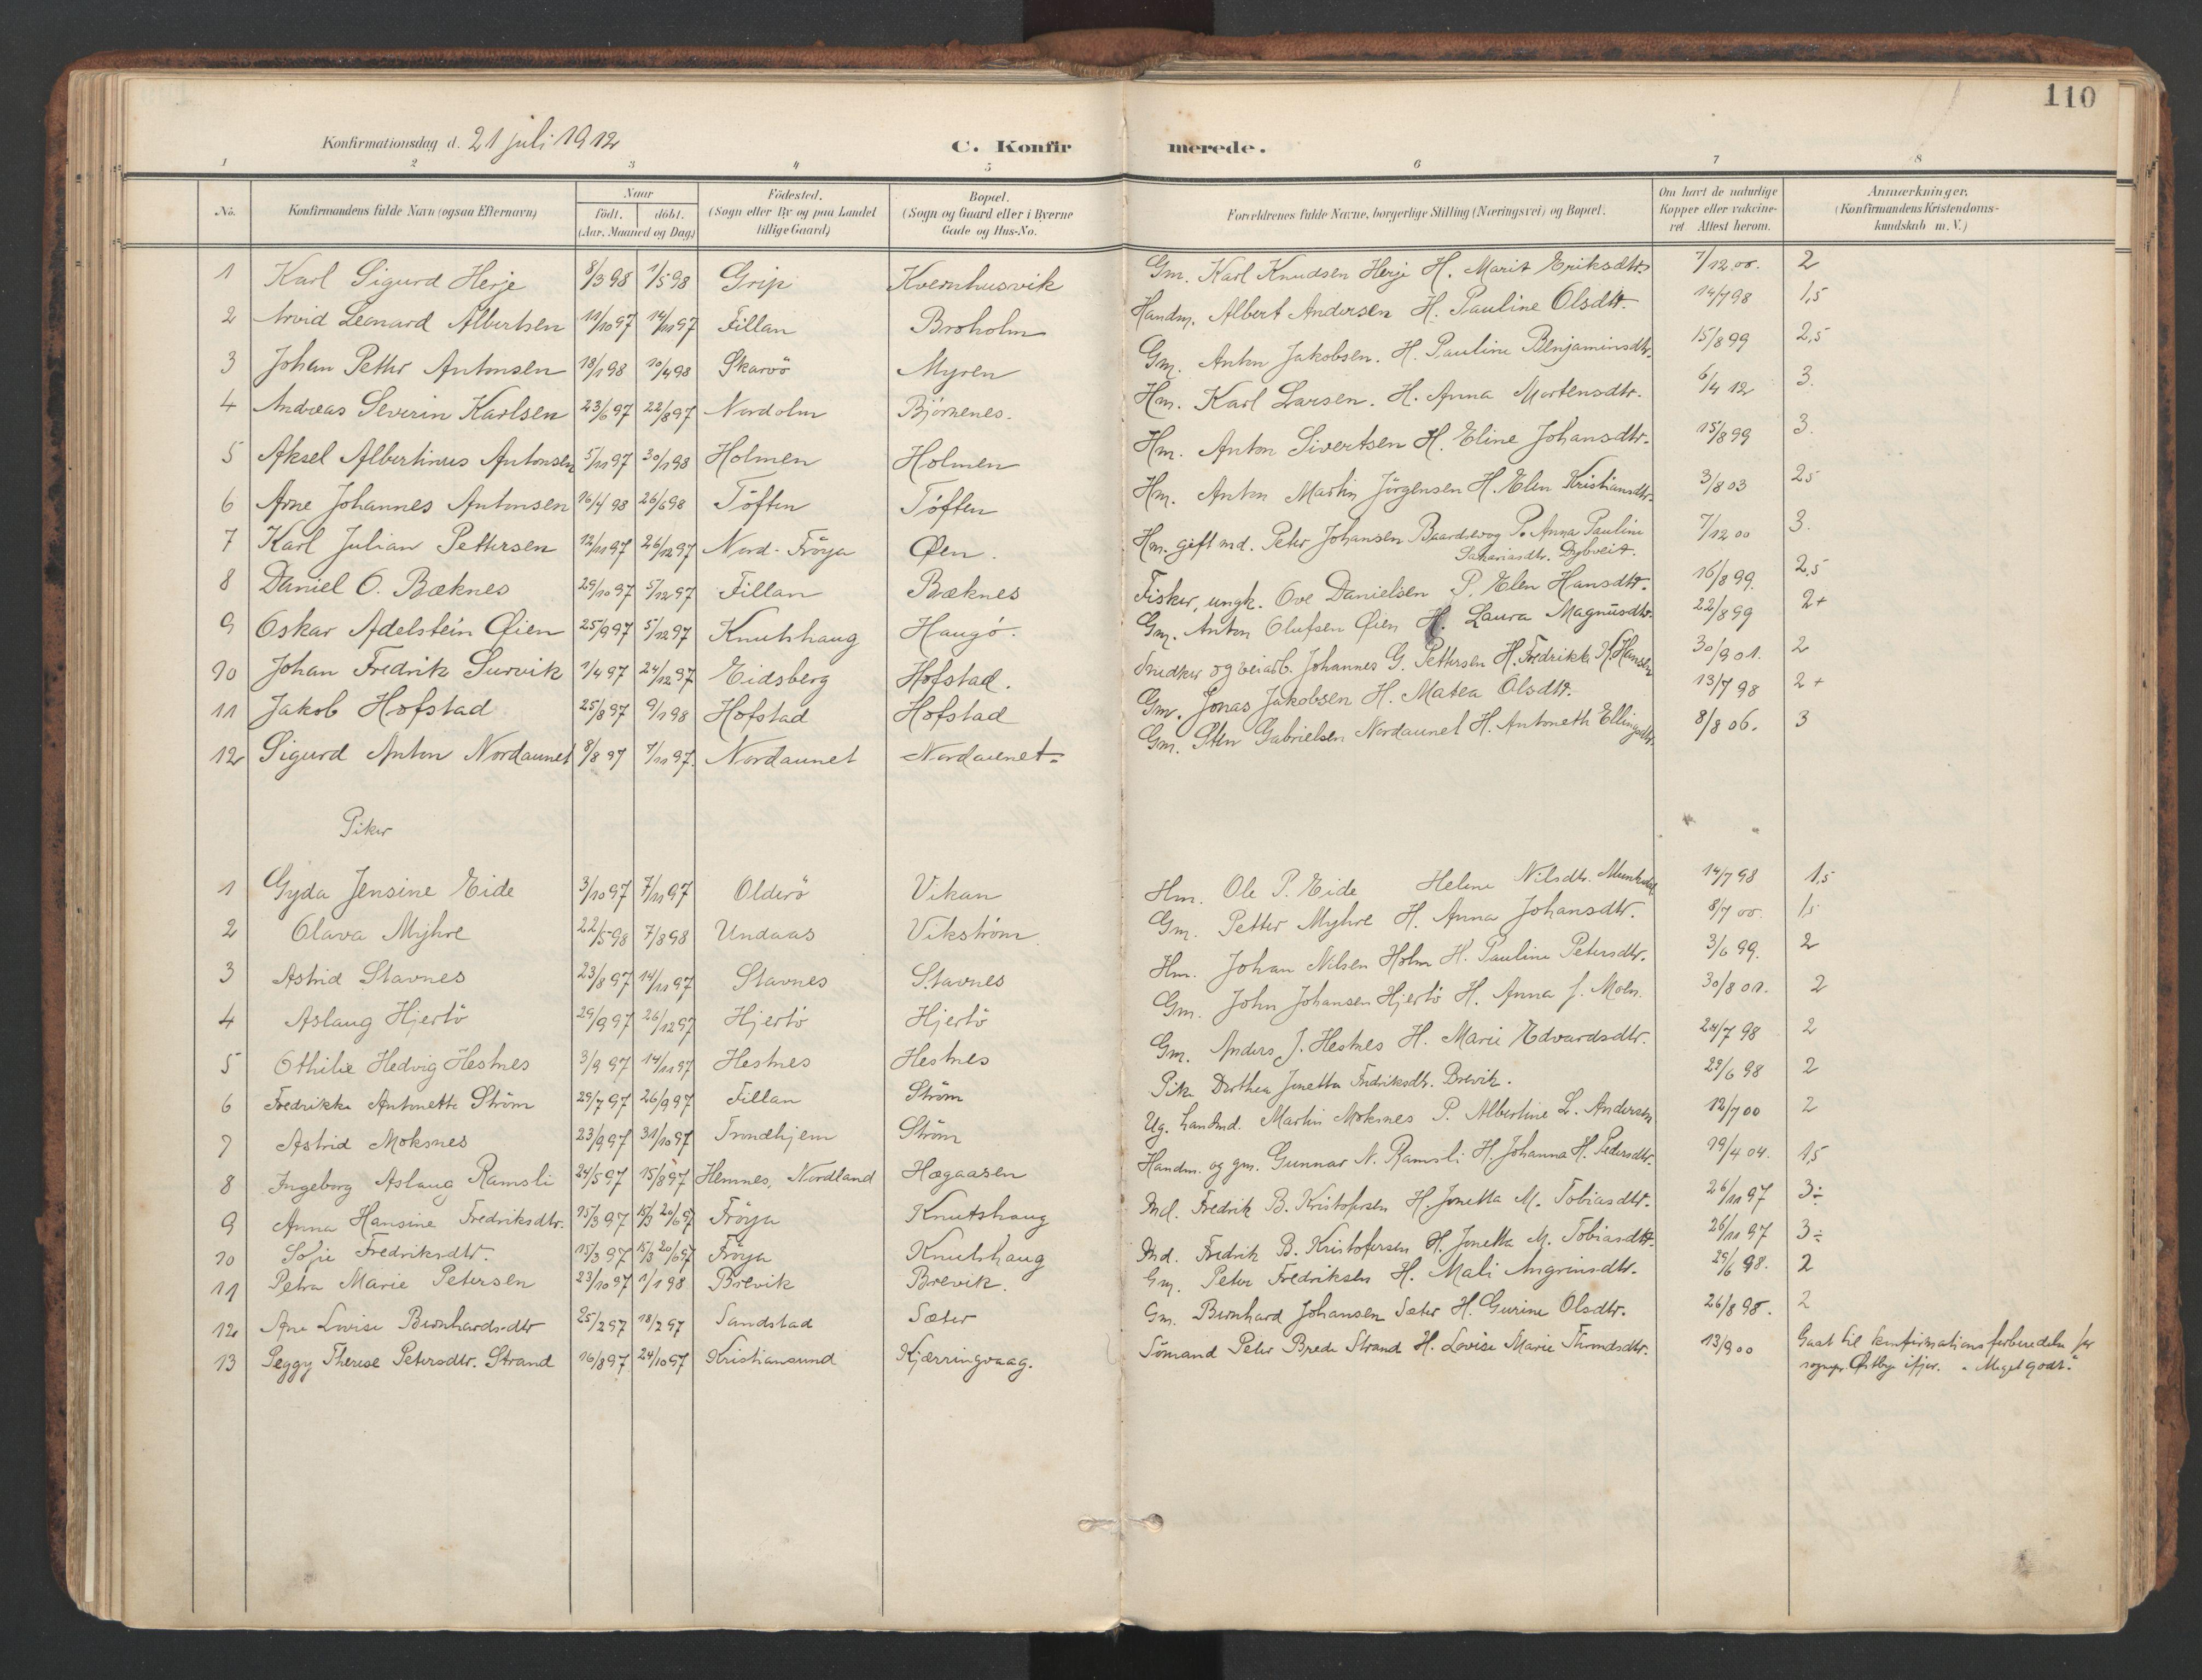 SAT, Ministerialprotokoller, klokkerbøker og fødselsregistre - Sør-Trøndelag, 634/L0537: Ministerialbok nr. 634A13, 1896-1922, s. 110